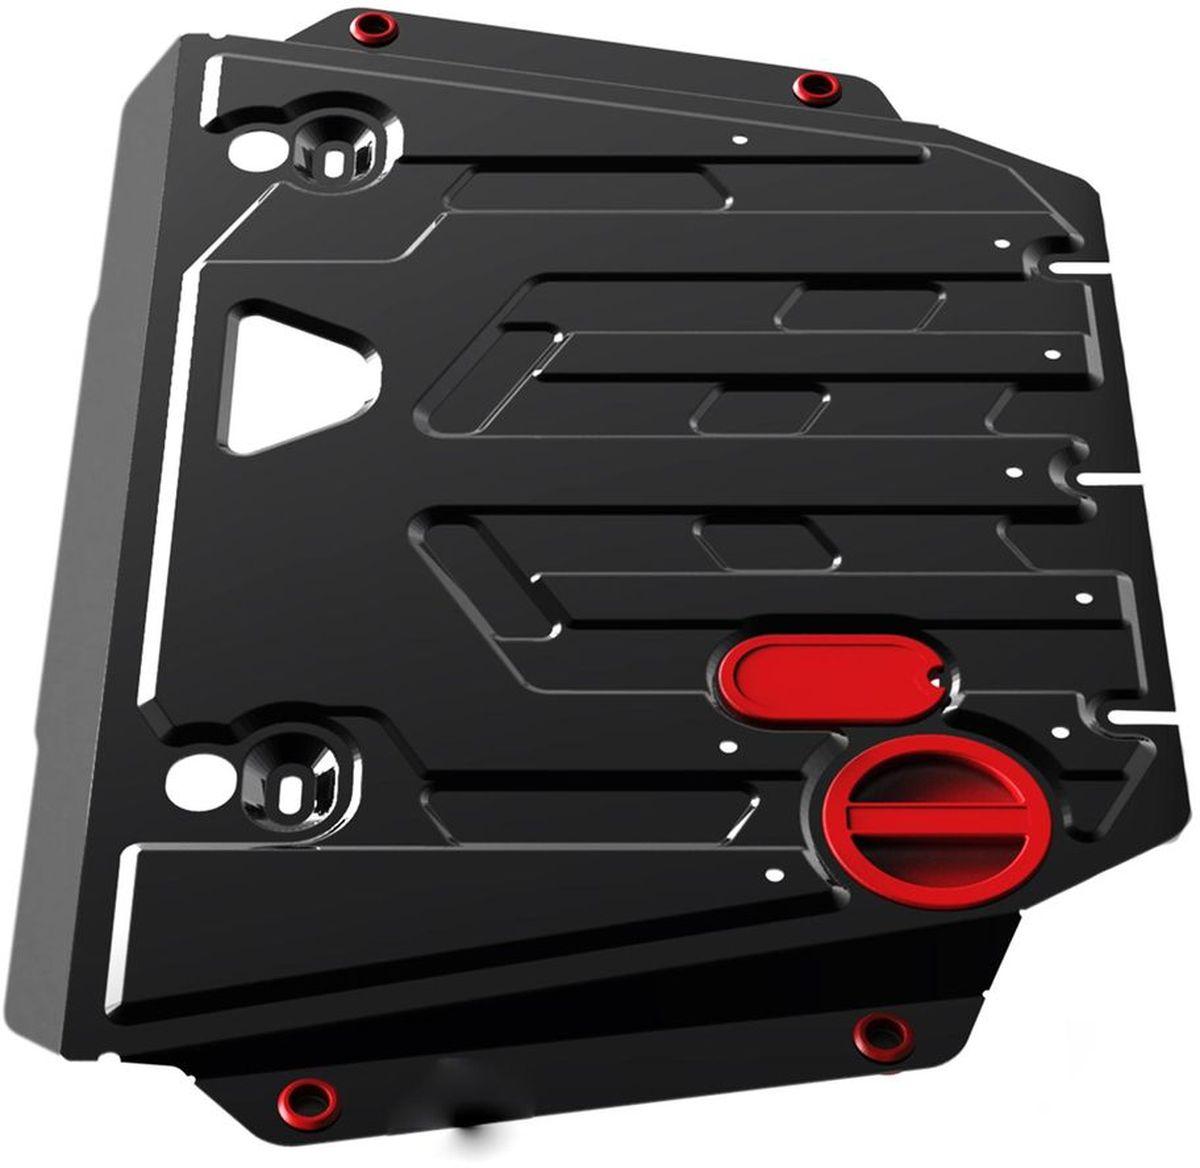 Защита картера и КПП Автоброня Honda Fit 2001-2008, сталь 2 мм защита картера и кпп автоброня citroёn c5 2008 сталь 2 мм